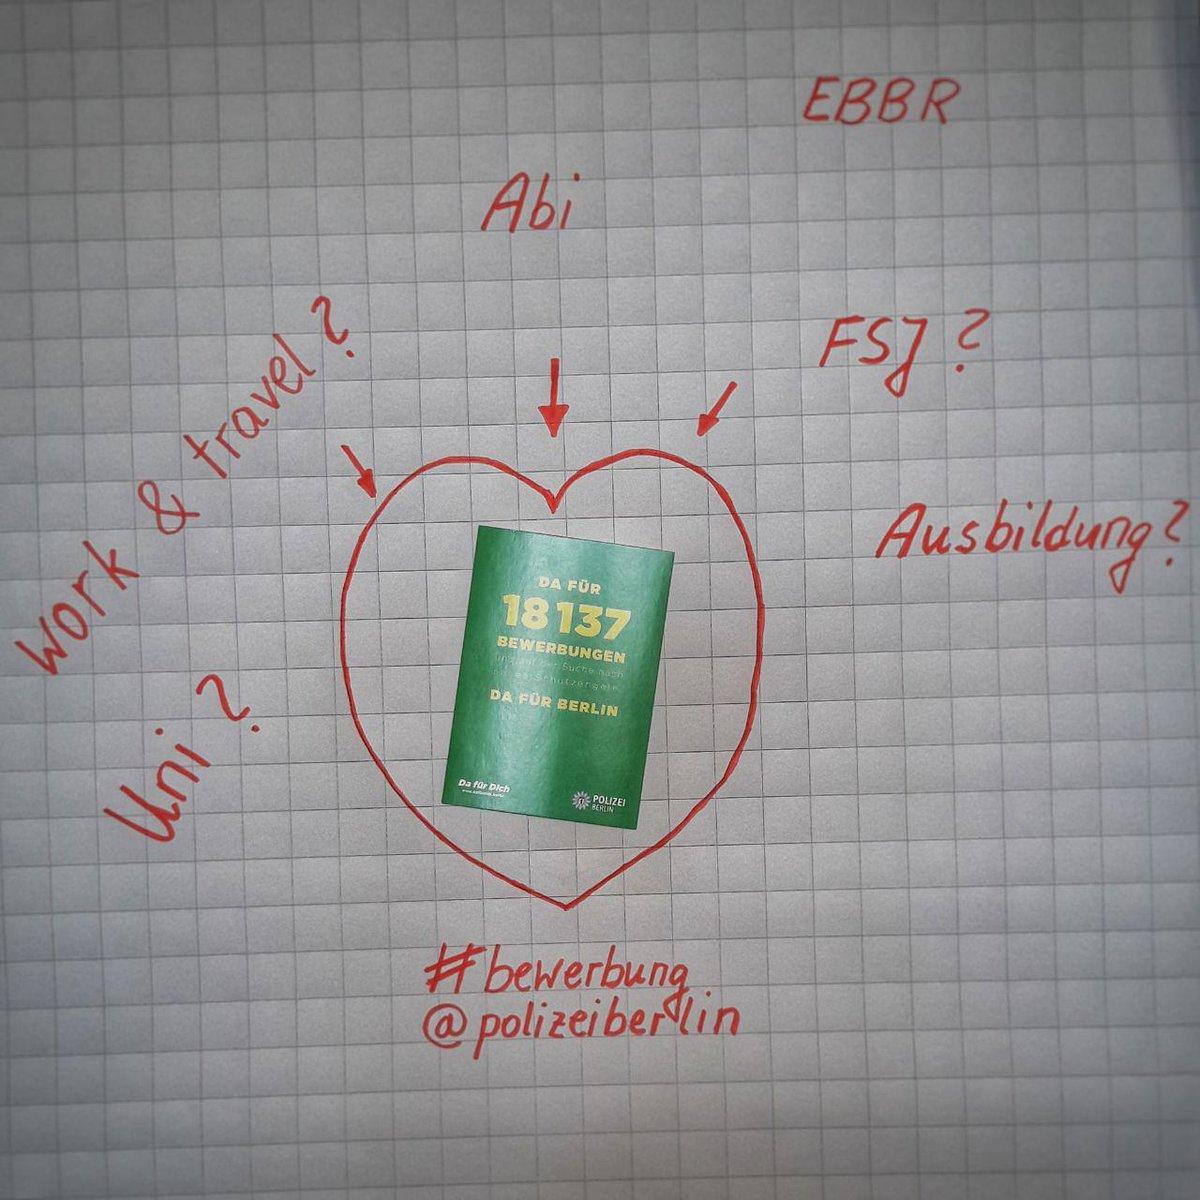 Polizei Berlin On Twitter Hätten Sie Nicht Gedacht Dass Sich So